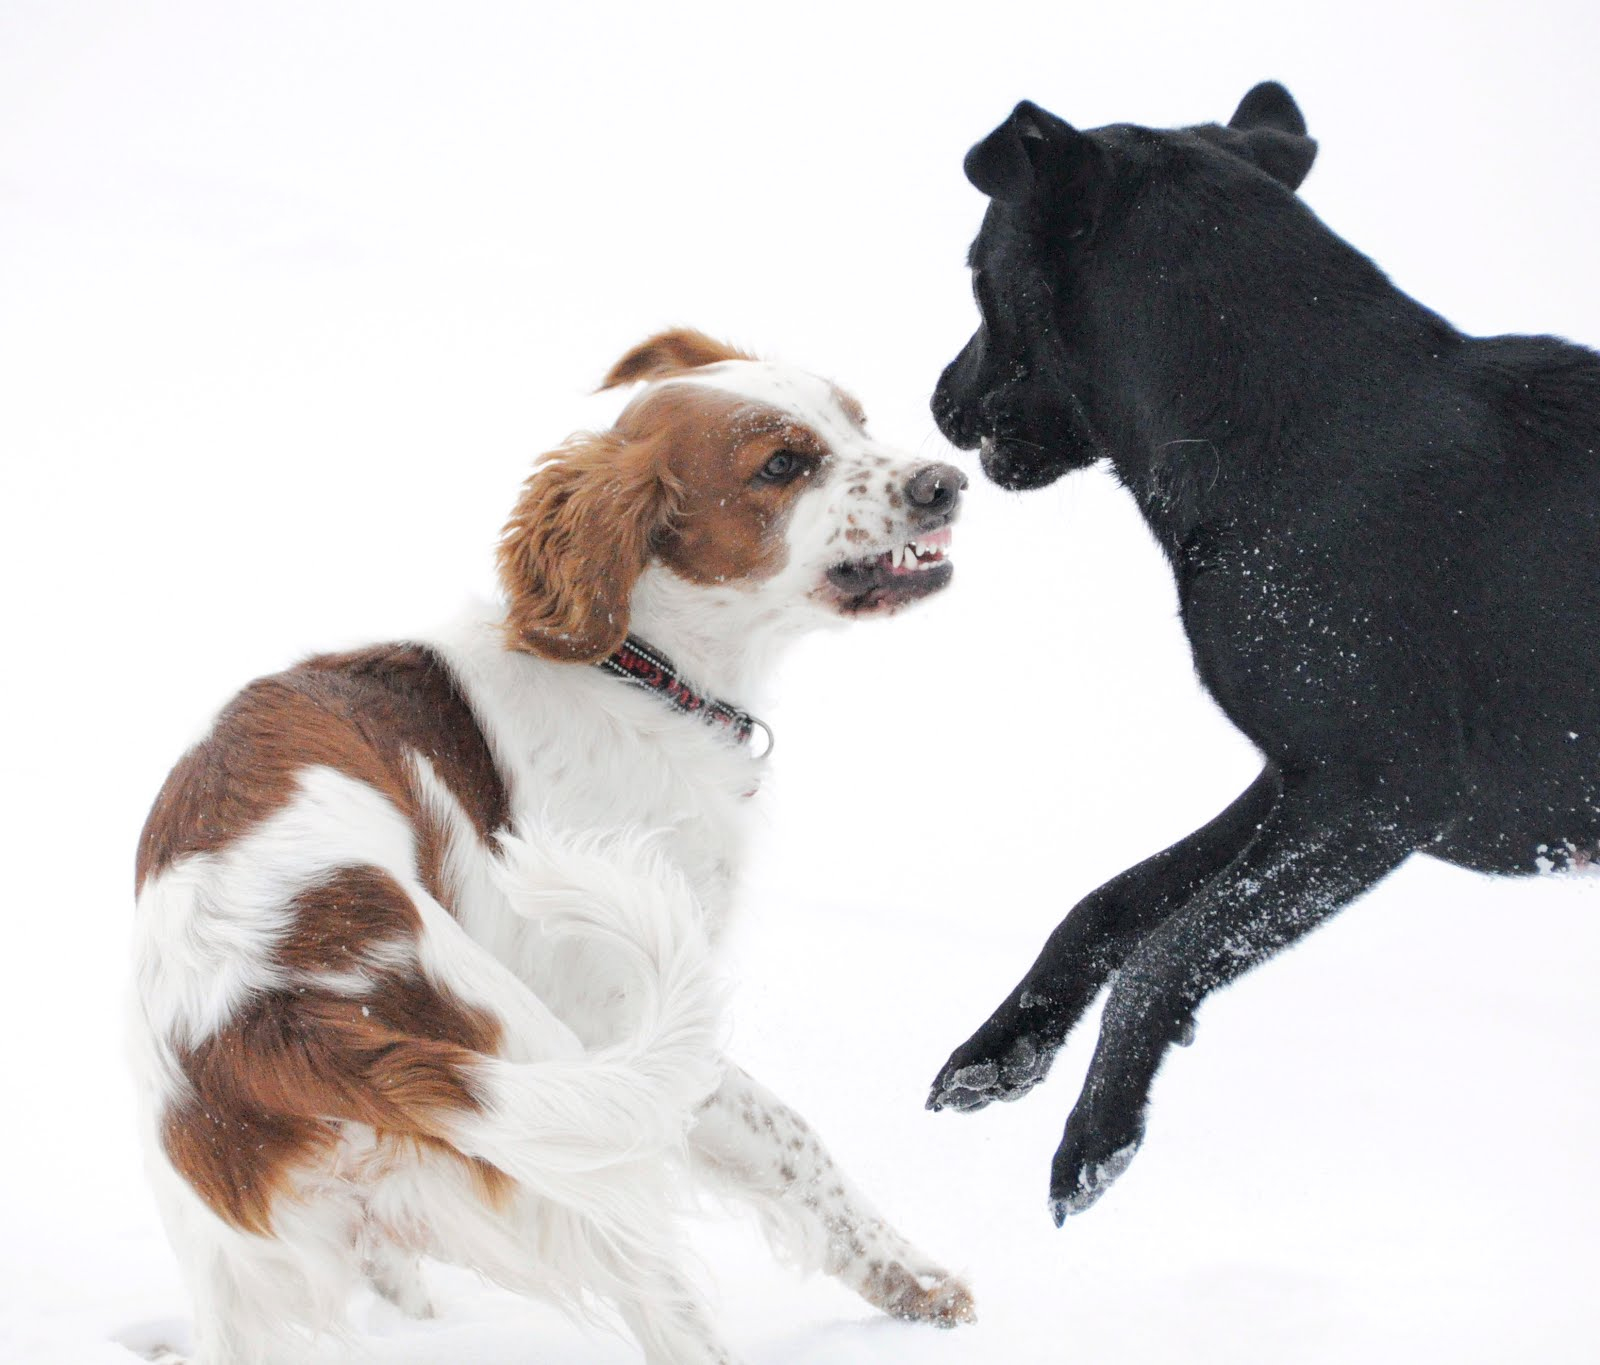 Bir köpek bir köpek tarafından ısırılırsa, ne yapmalıyım İlaçların kullanımı ve tedavi özellikleri